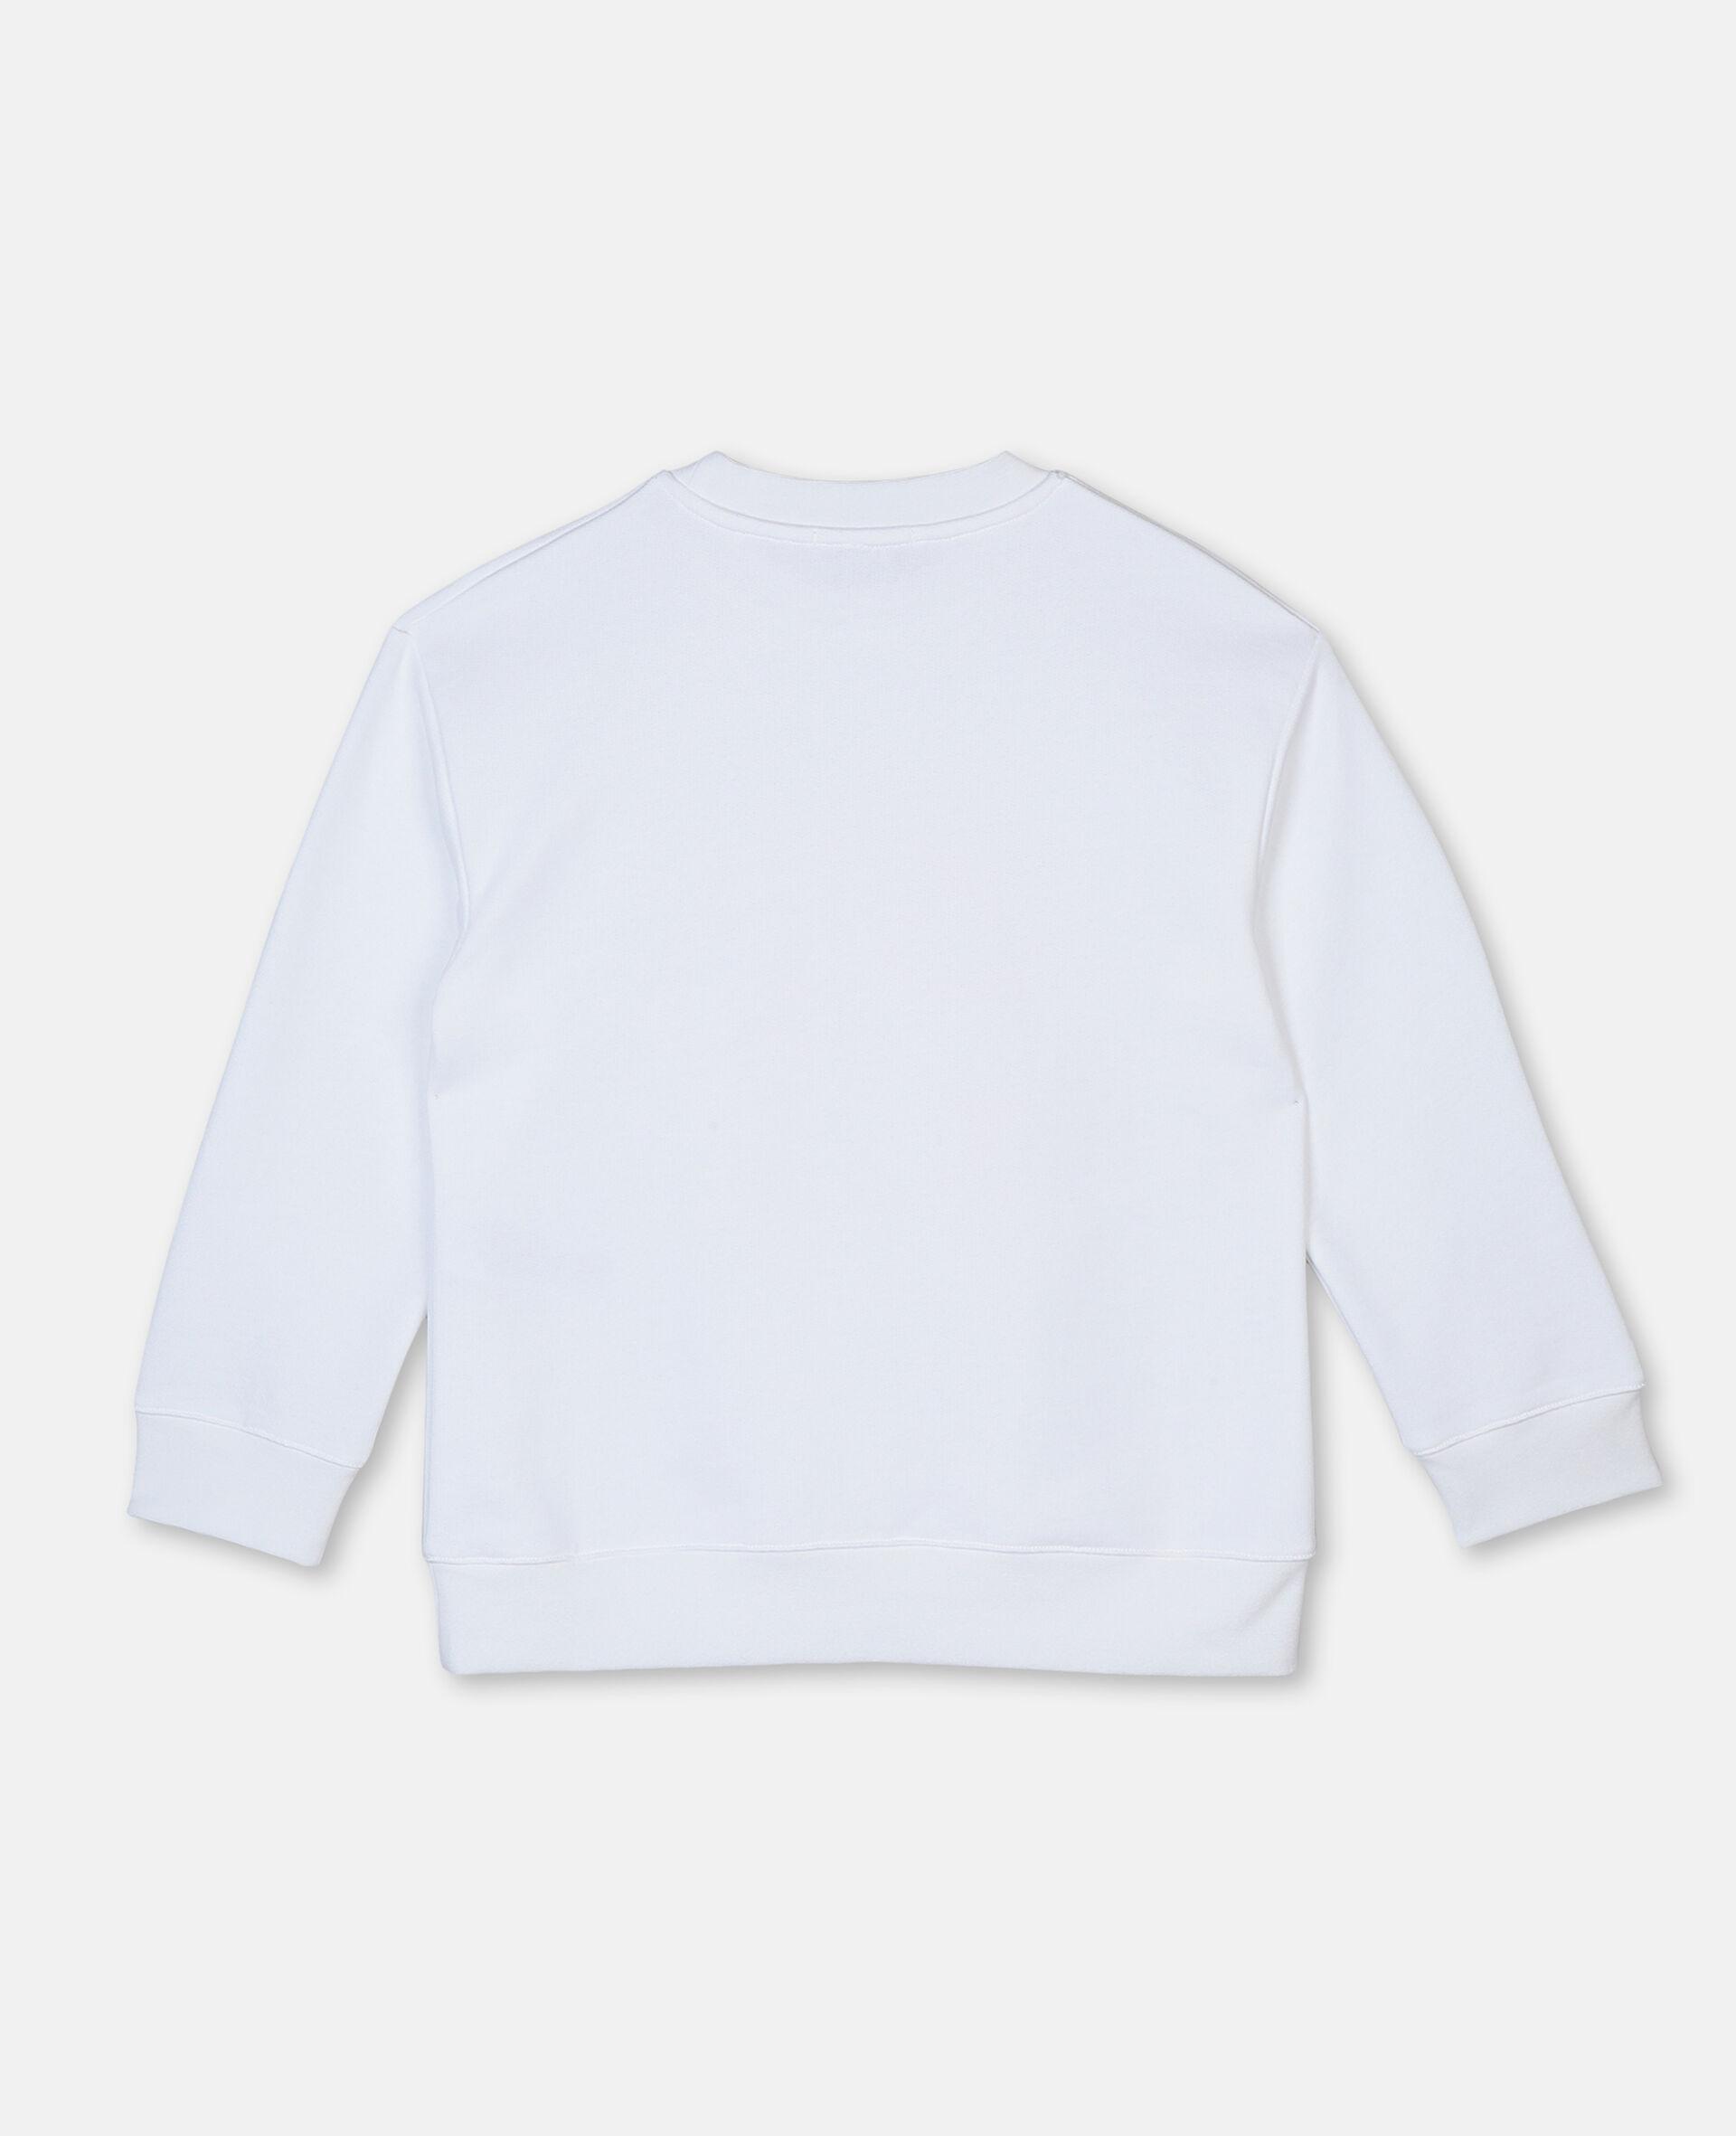 Basketball Oversize Cotton Sweatshirt -White-large image number 3